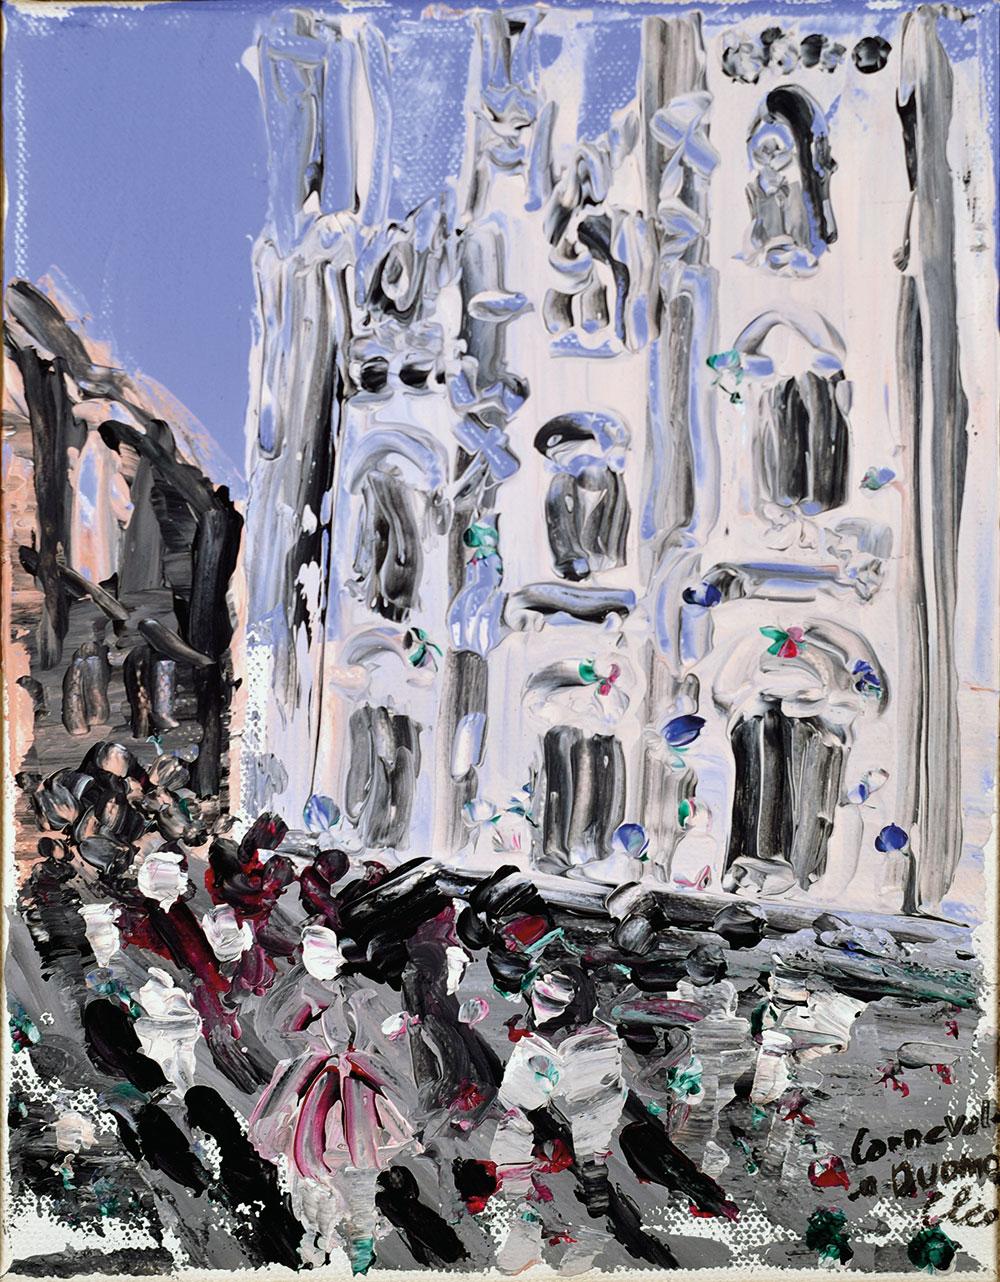 CARNEVALE A MILANO - acrilico su tela 18x24 2010